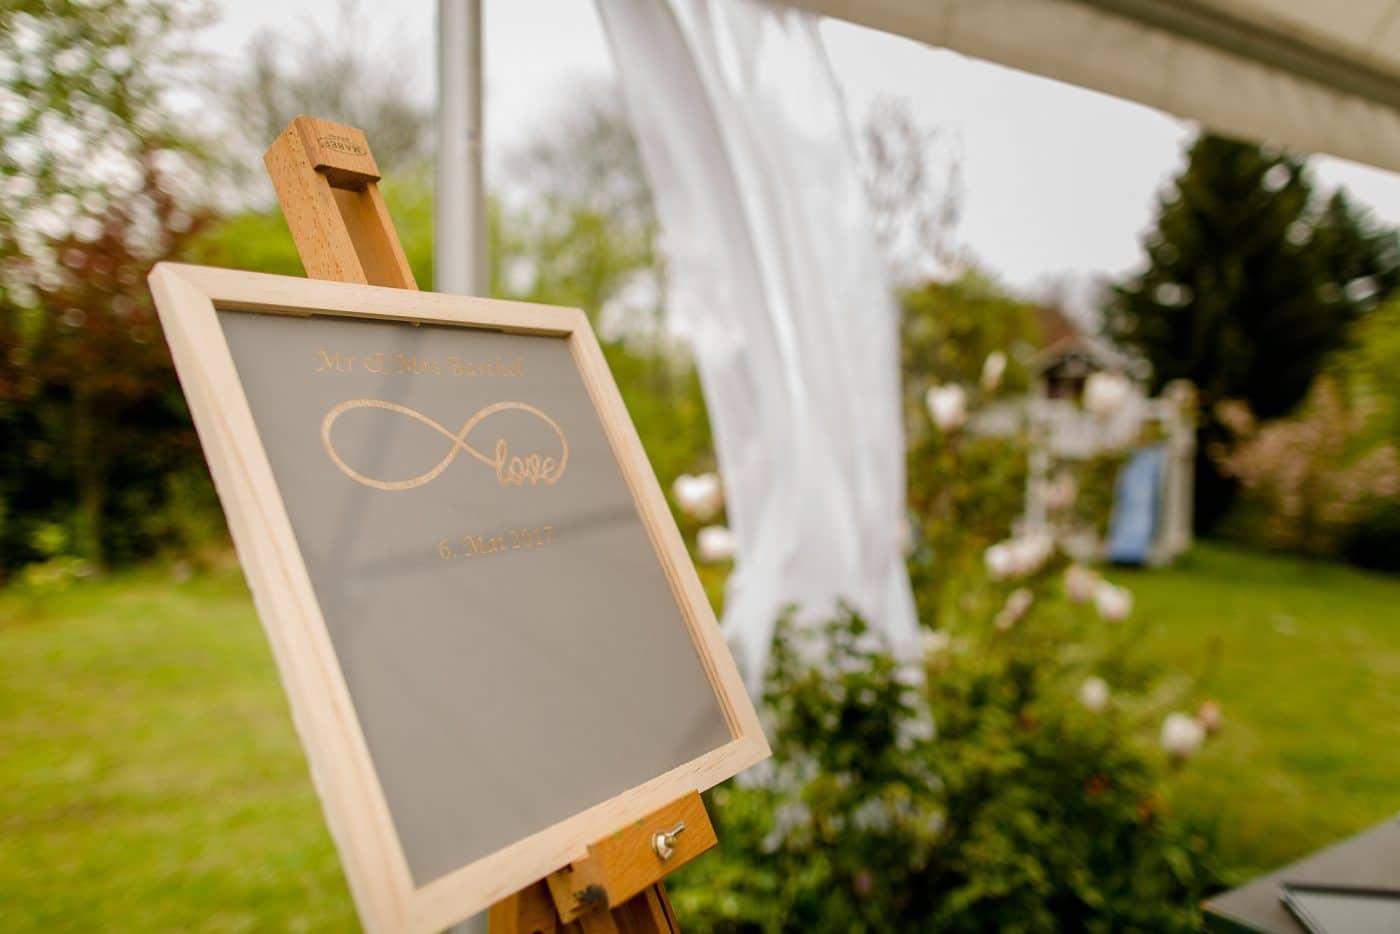 Kreidetafel bei einer Hochzeit